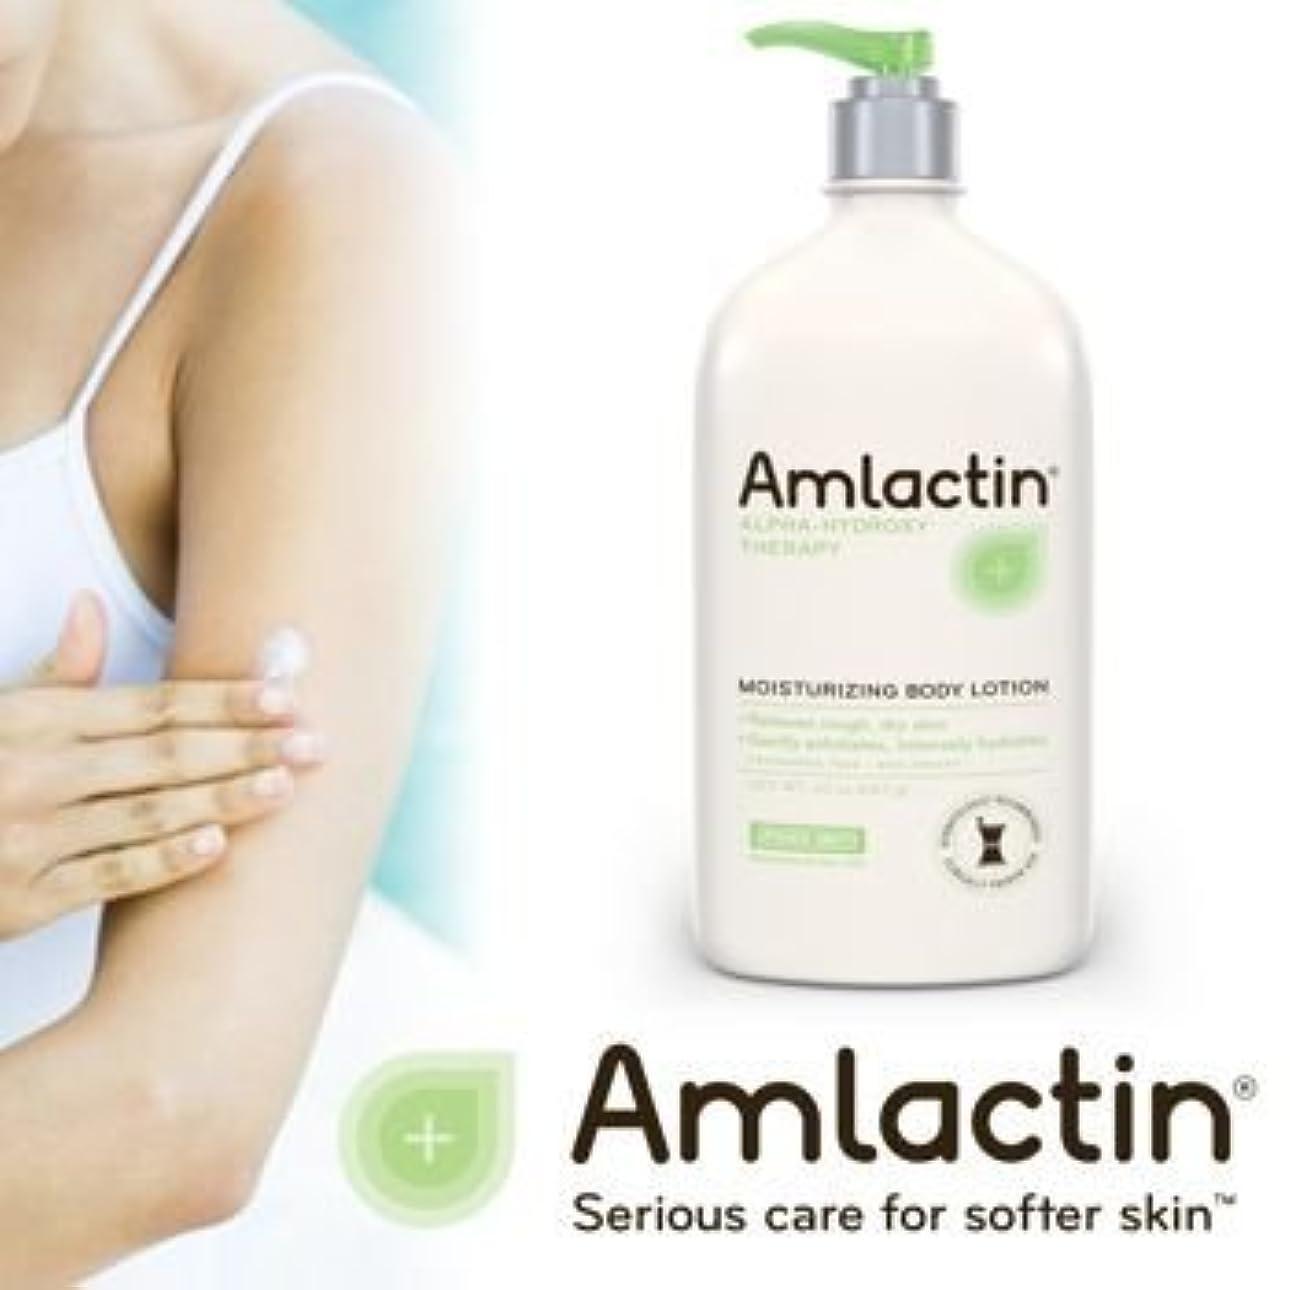 保持電気陽性精通したアムラクティン 保湿液 (乾燥肌のため) - 12% 乳酸 - AmLactin 12 % Moisturizing Lotion - 500 g / 17.6 oz (Product packaging may vary)